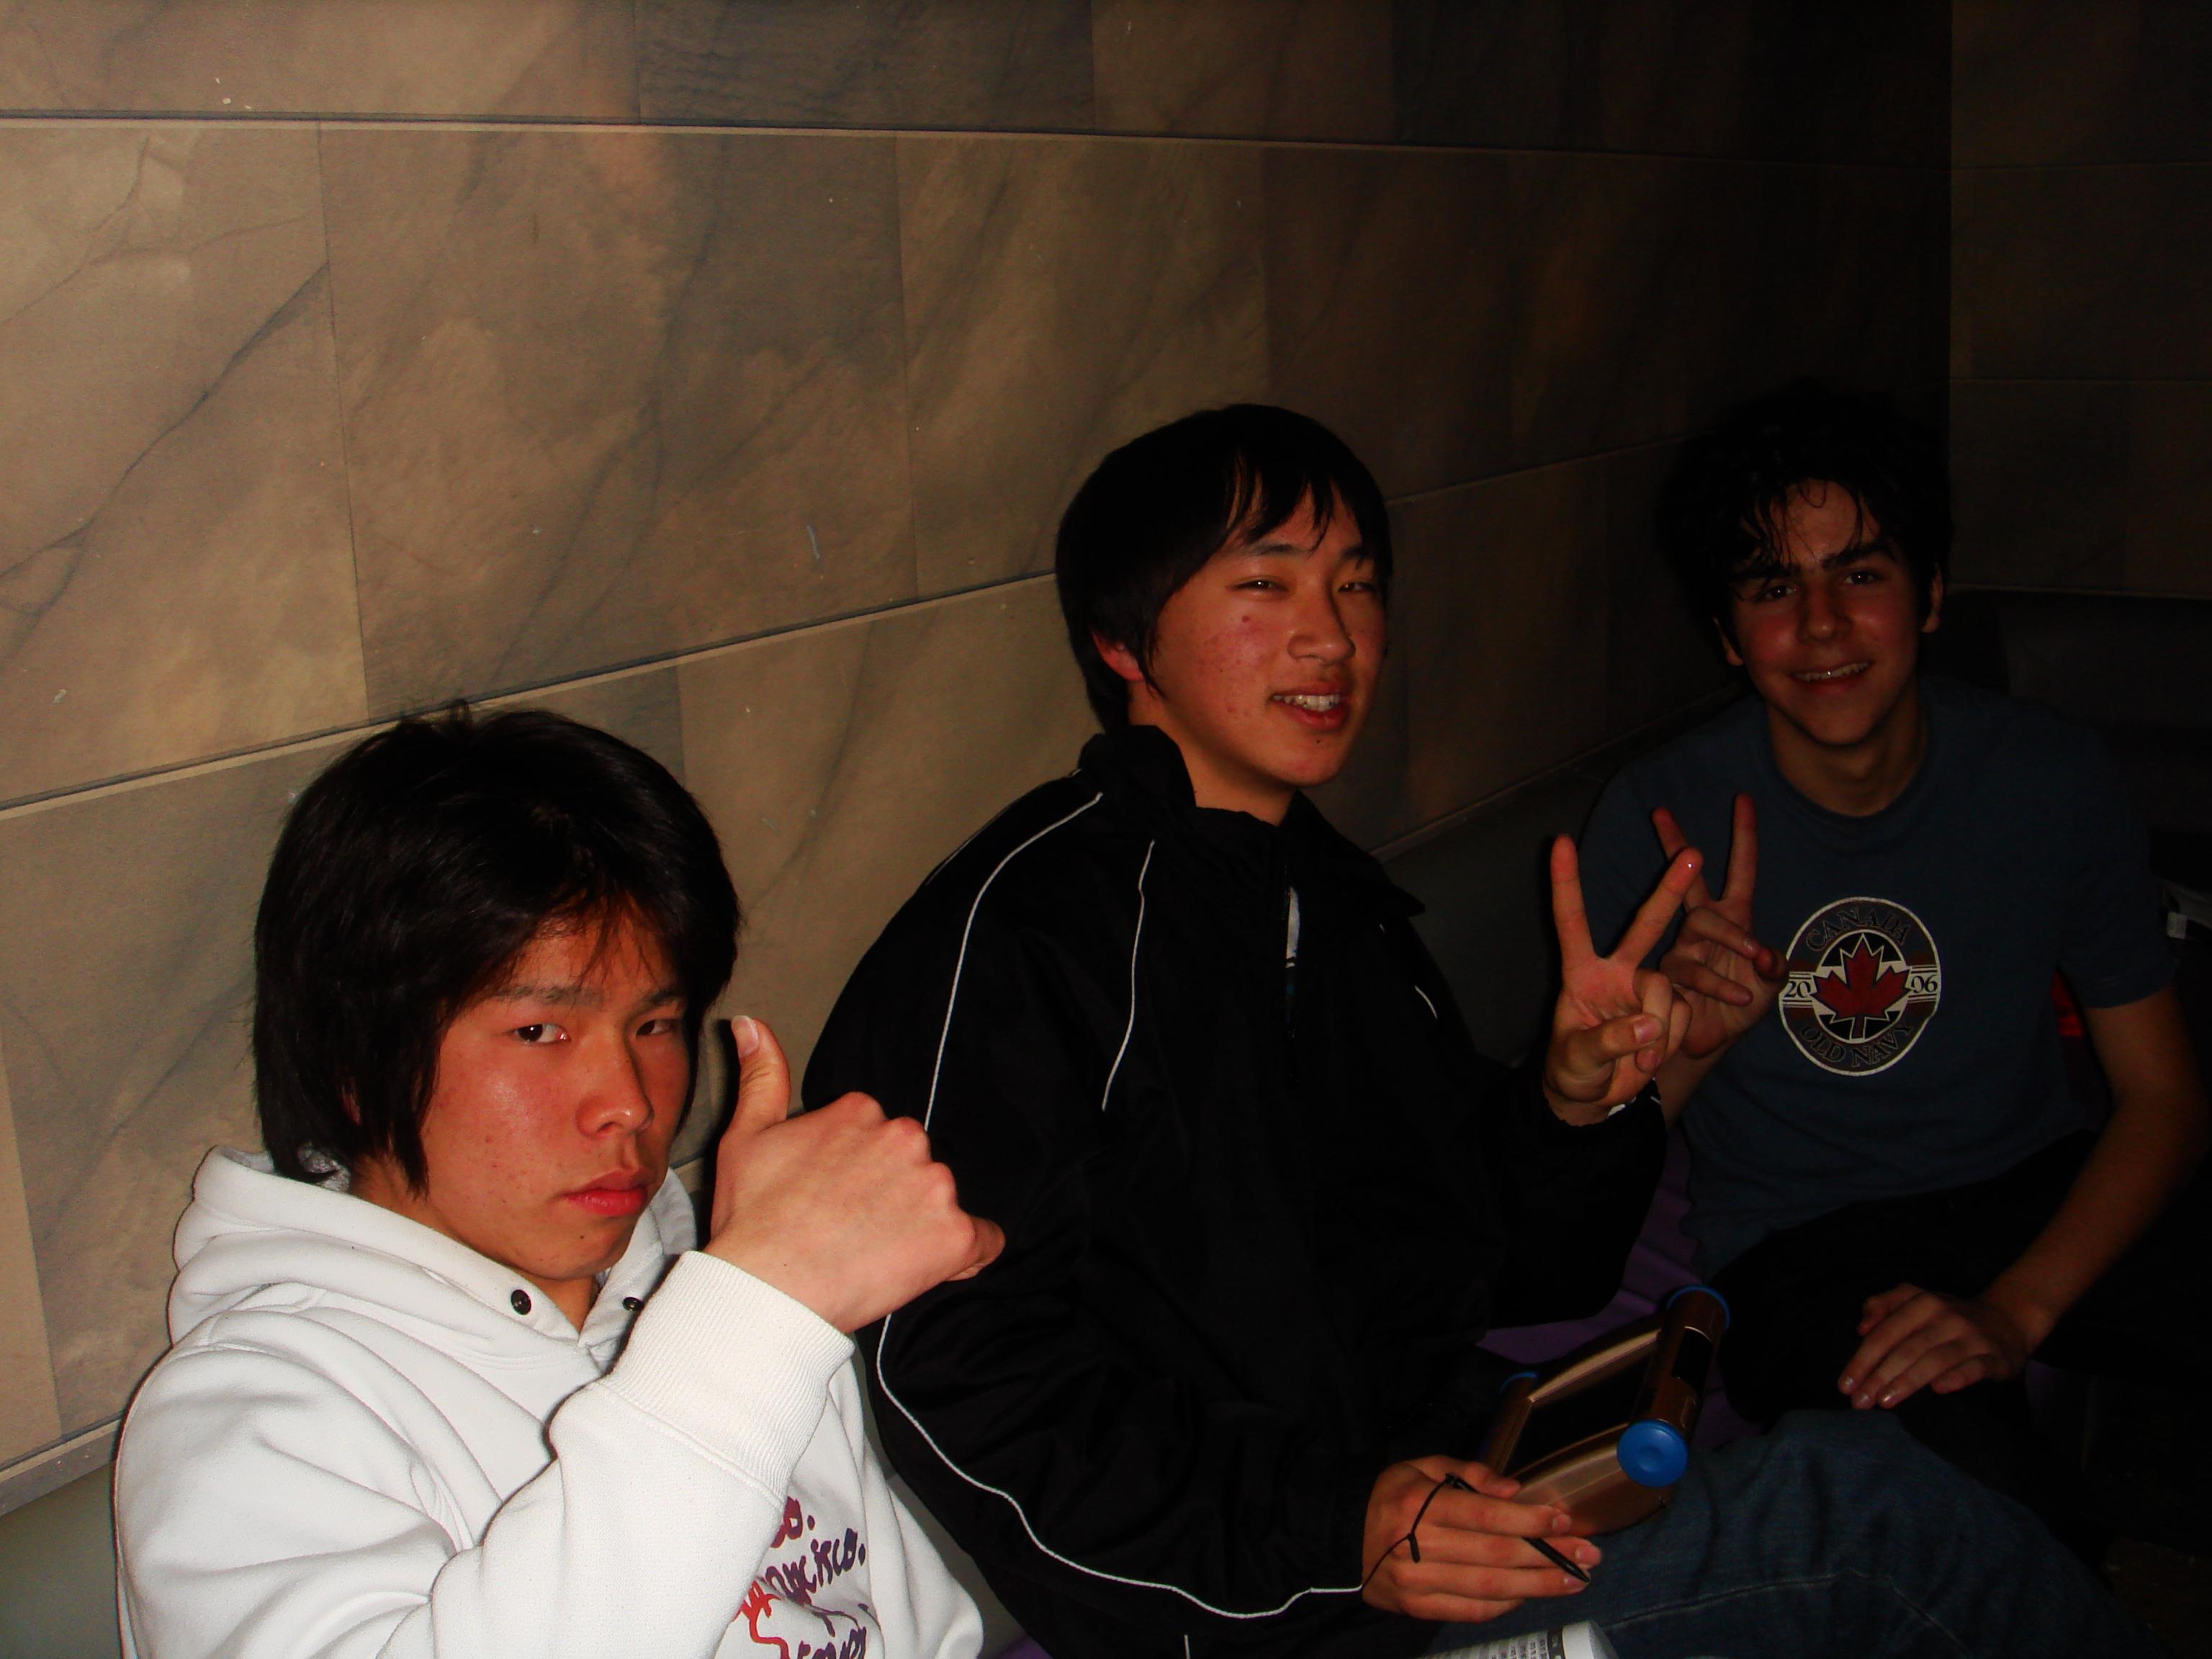 ecco il trio dopo il bis della strabiliante performance - riuscita nonostante i due microfoni - della già citata Dragostea din tei